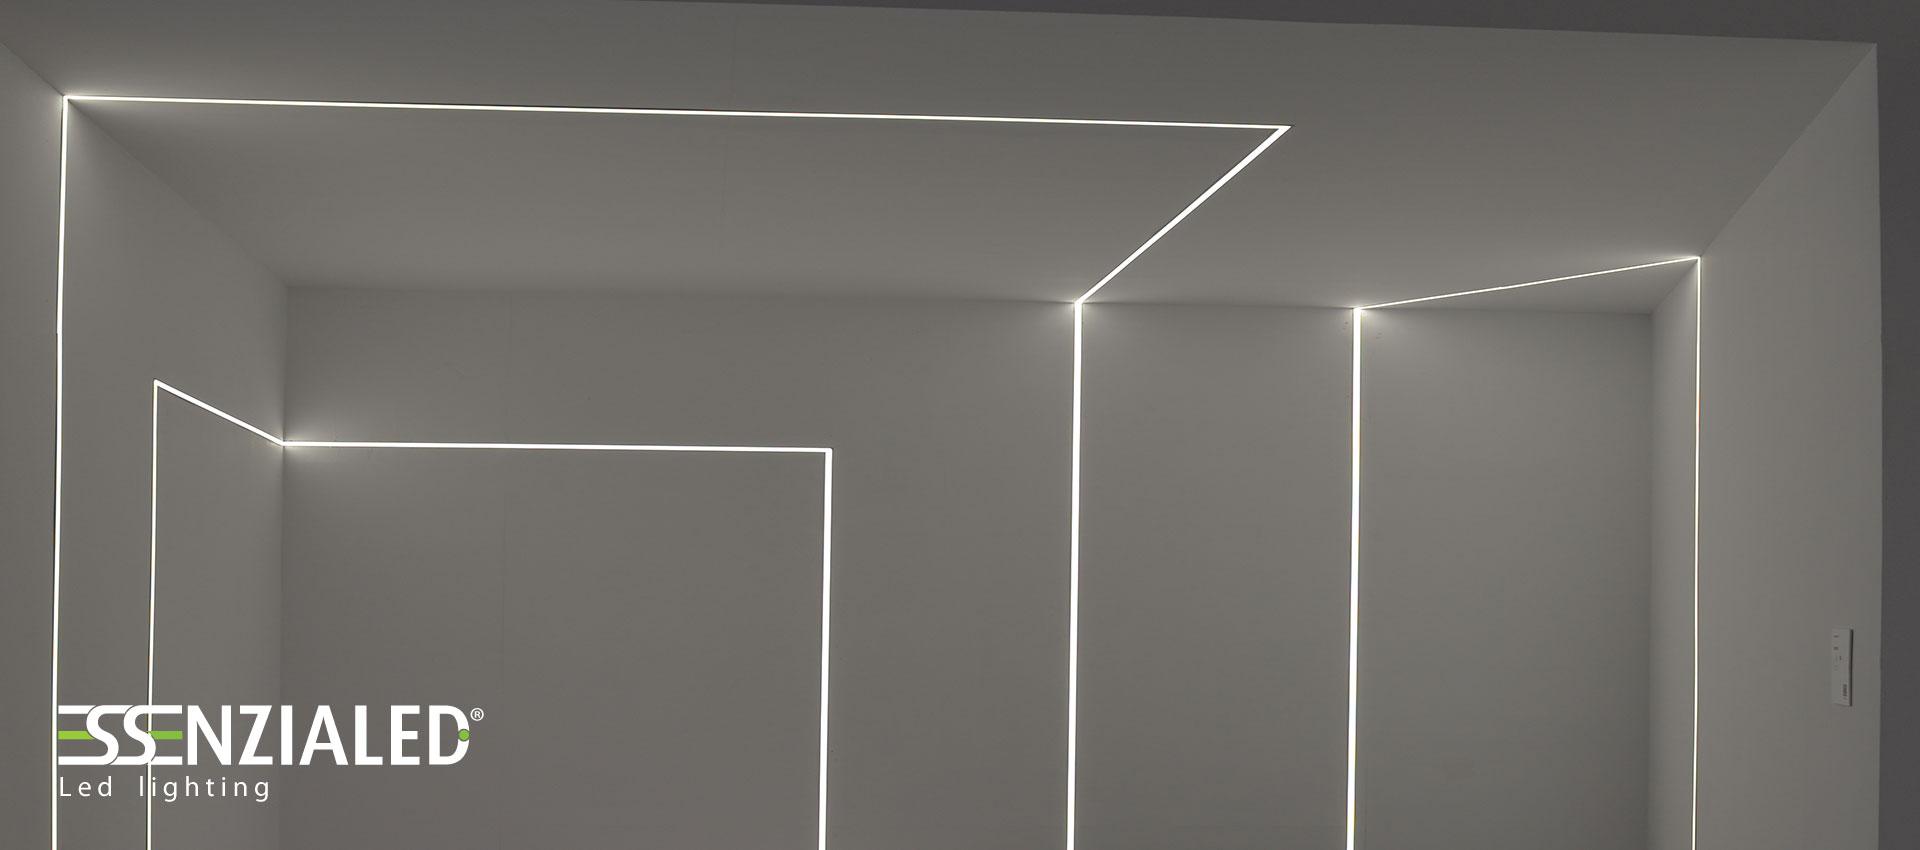 Illuminazione Led A Muro illuminazione led per negozi - made in italy